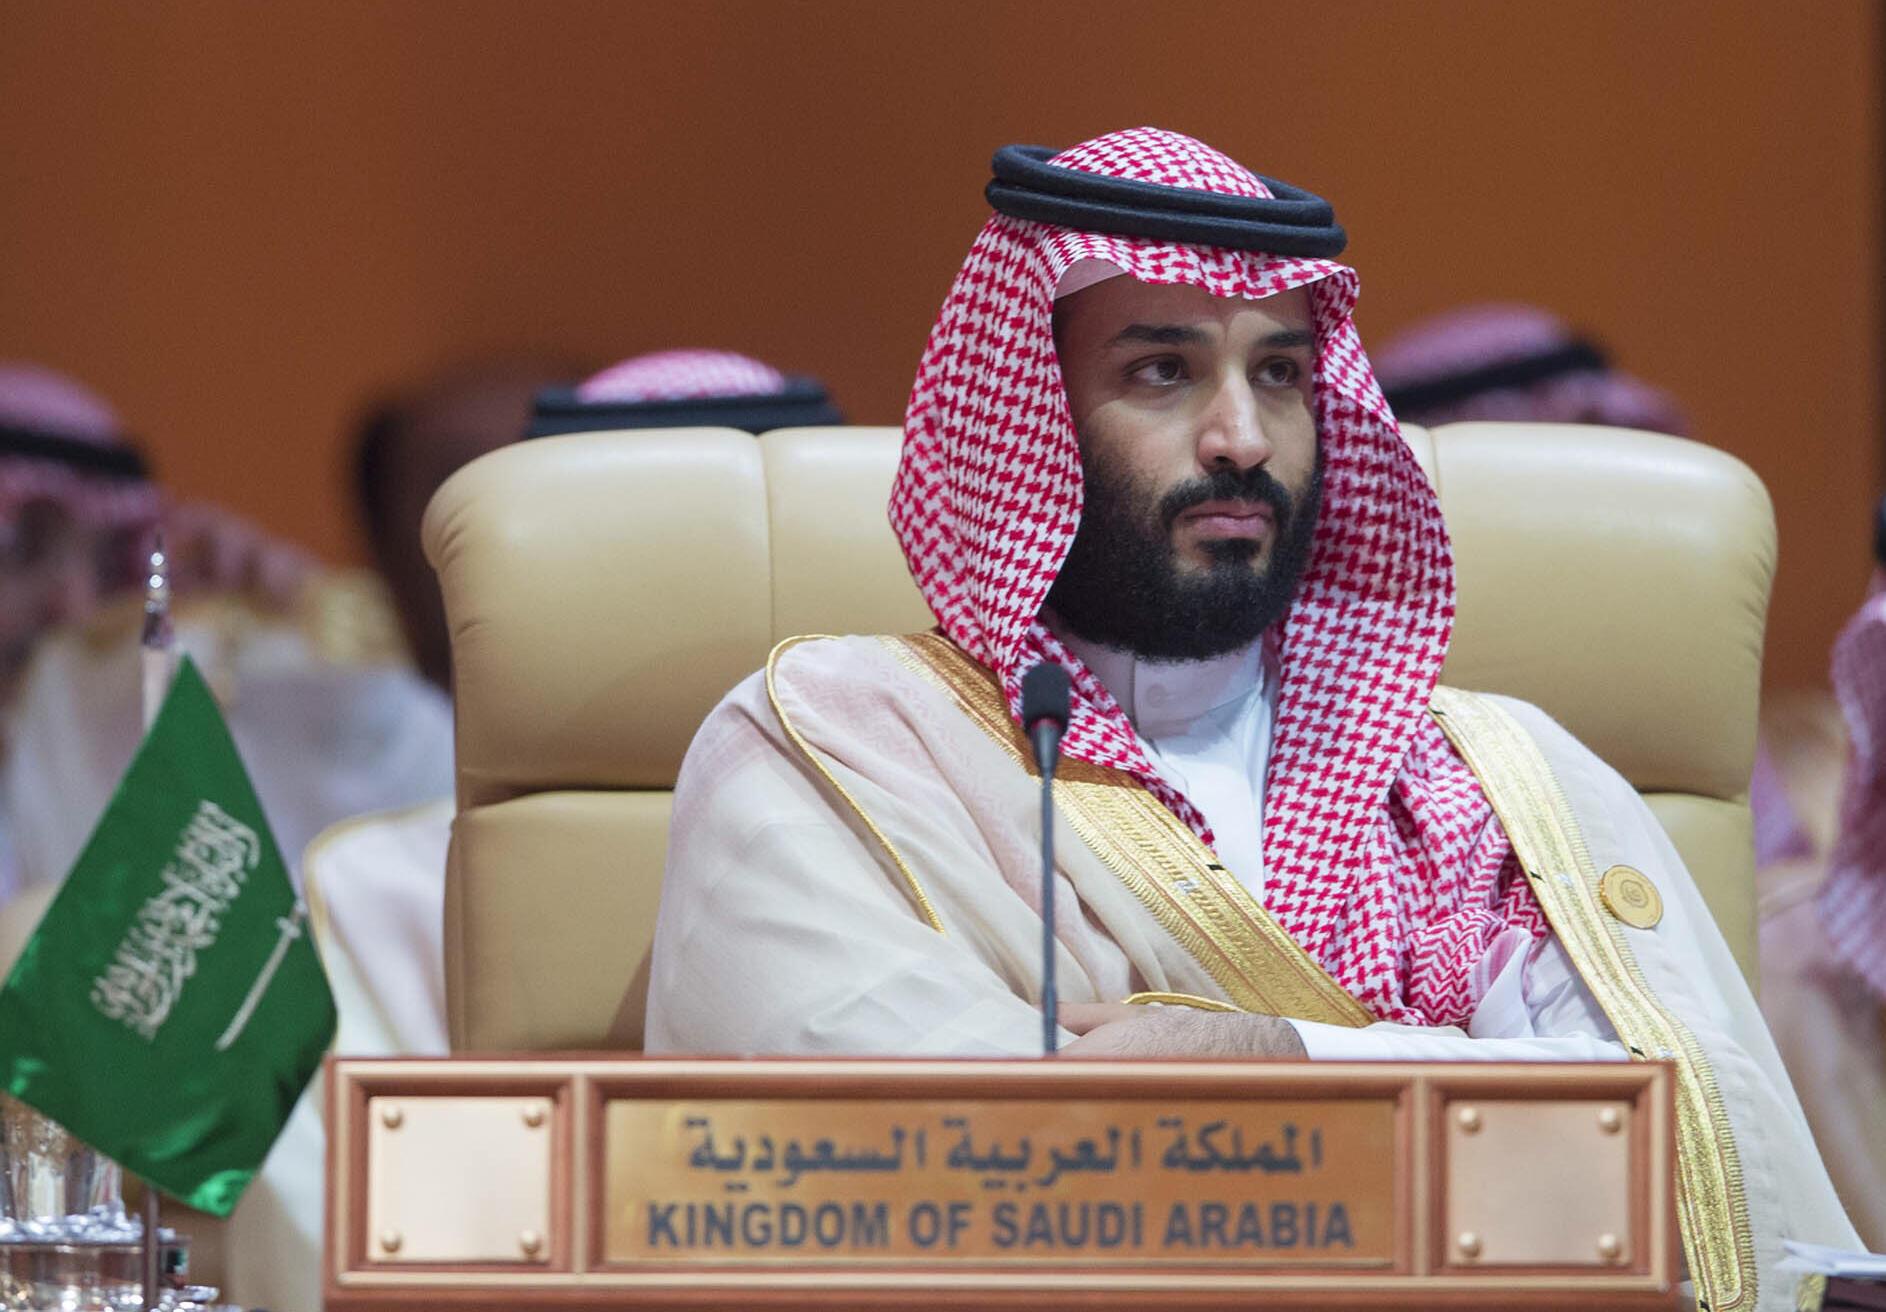 资料图片:沙特王储本-萨勒曼。2018年4月15日摄沙特达曼市于阿拉伯国家联盟峰会。